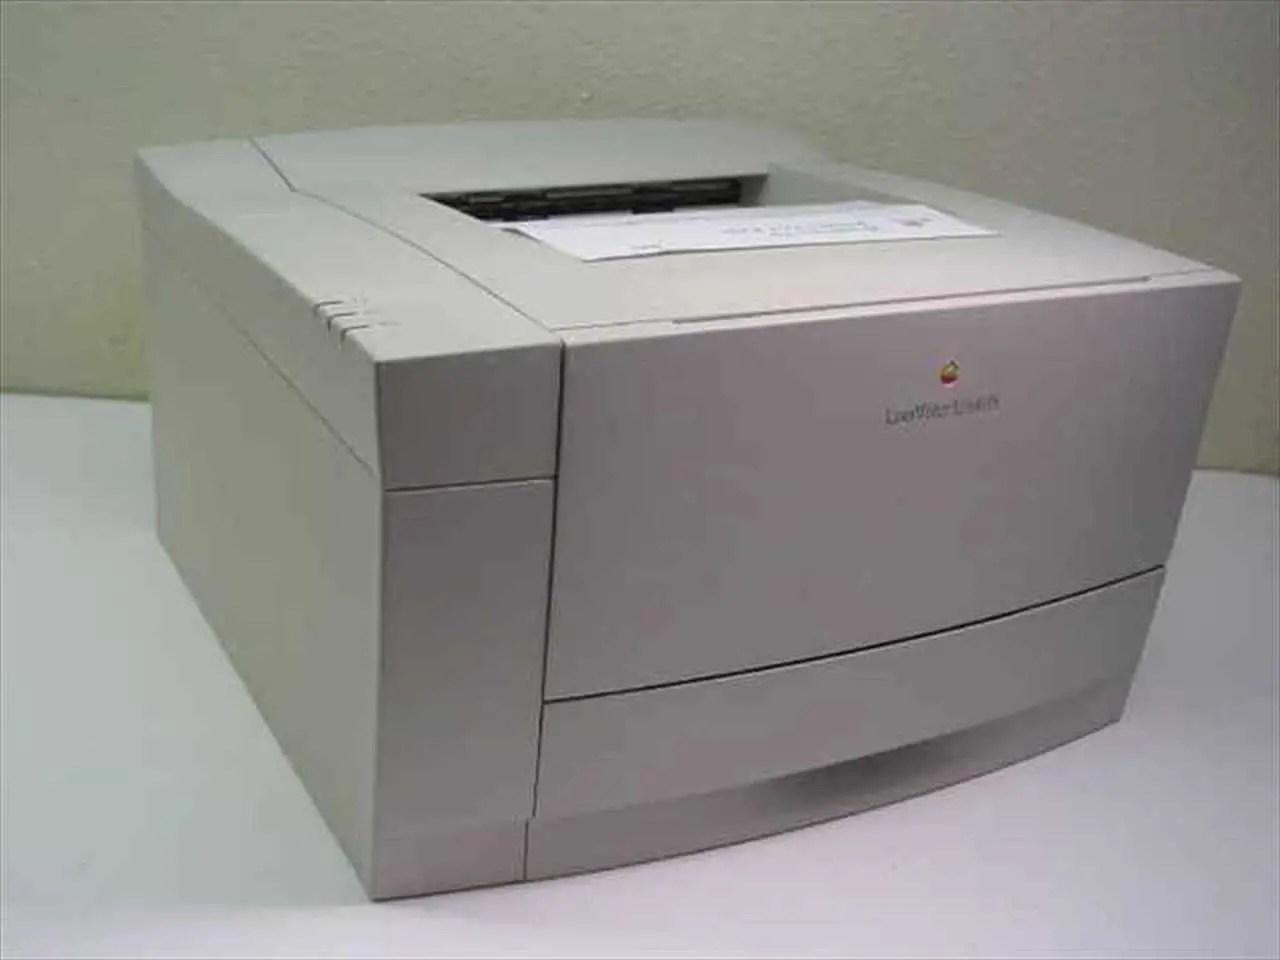 LaserWriter 12/640 PS